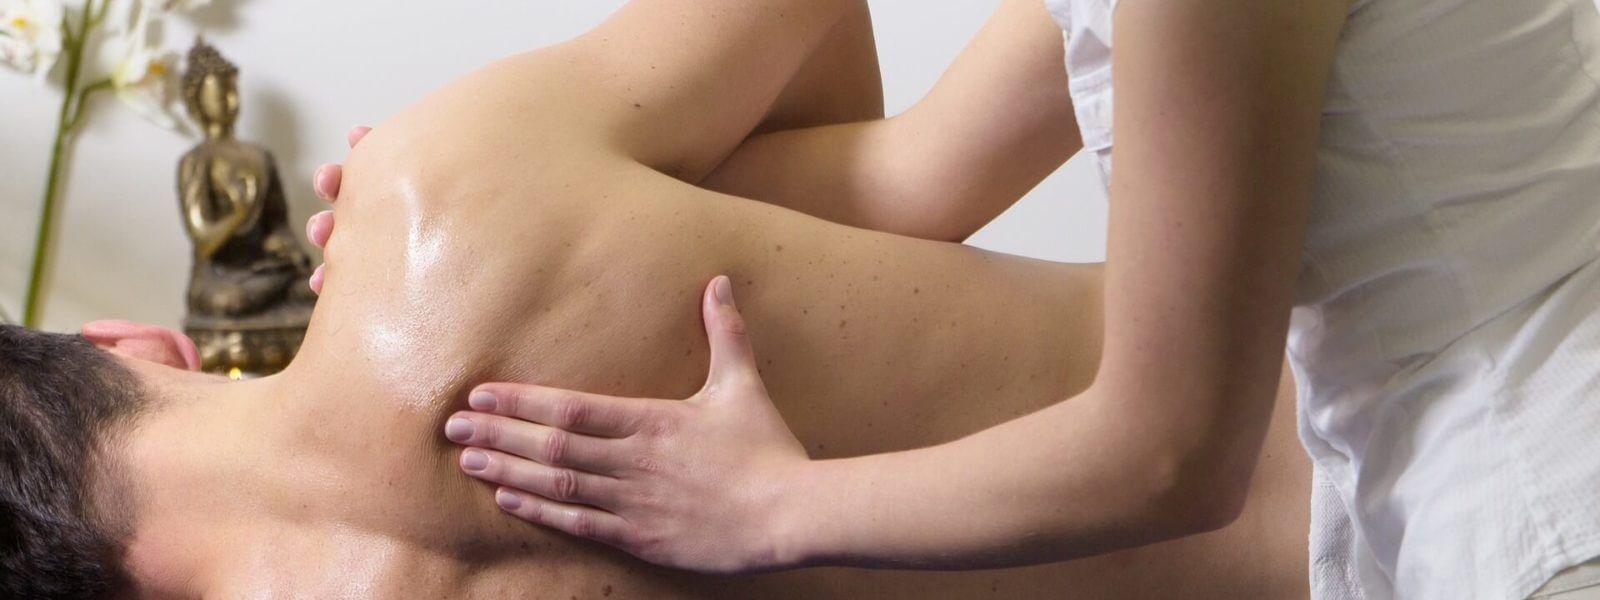 Schulterprobleme durch den Handstand - Massage hilft